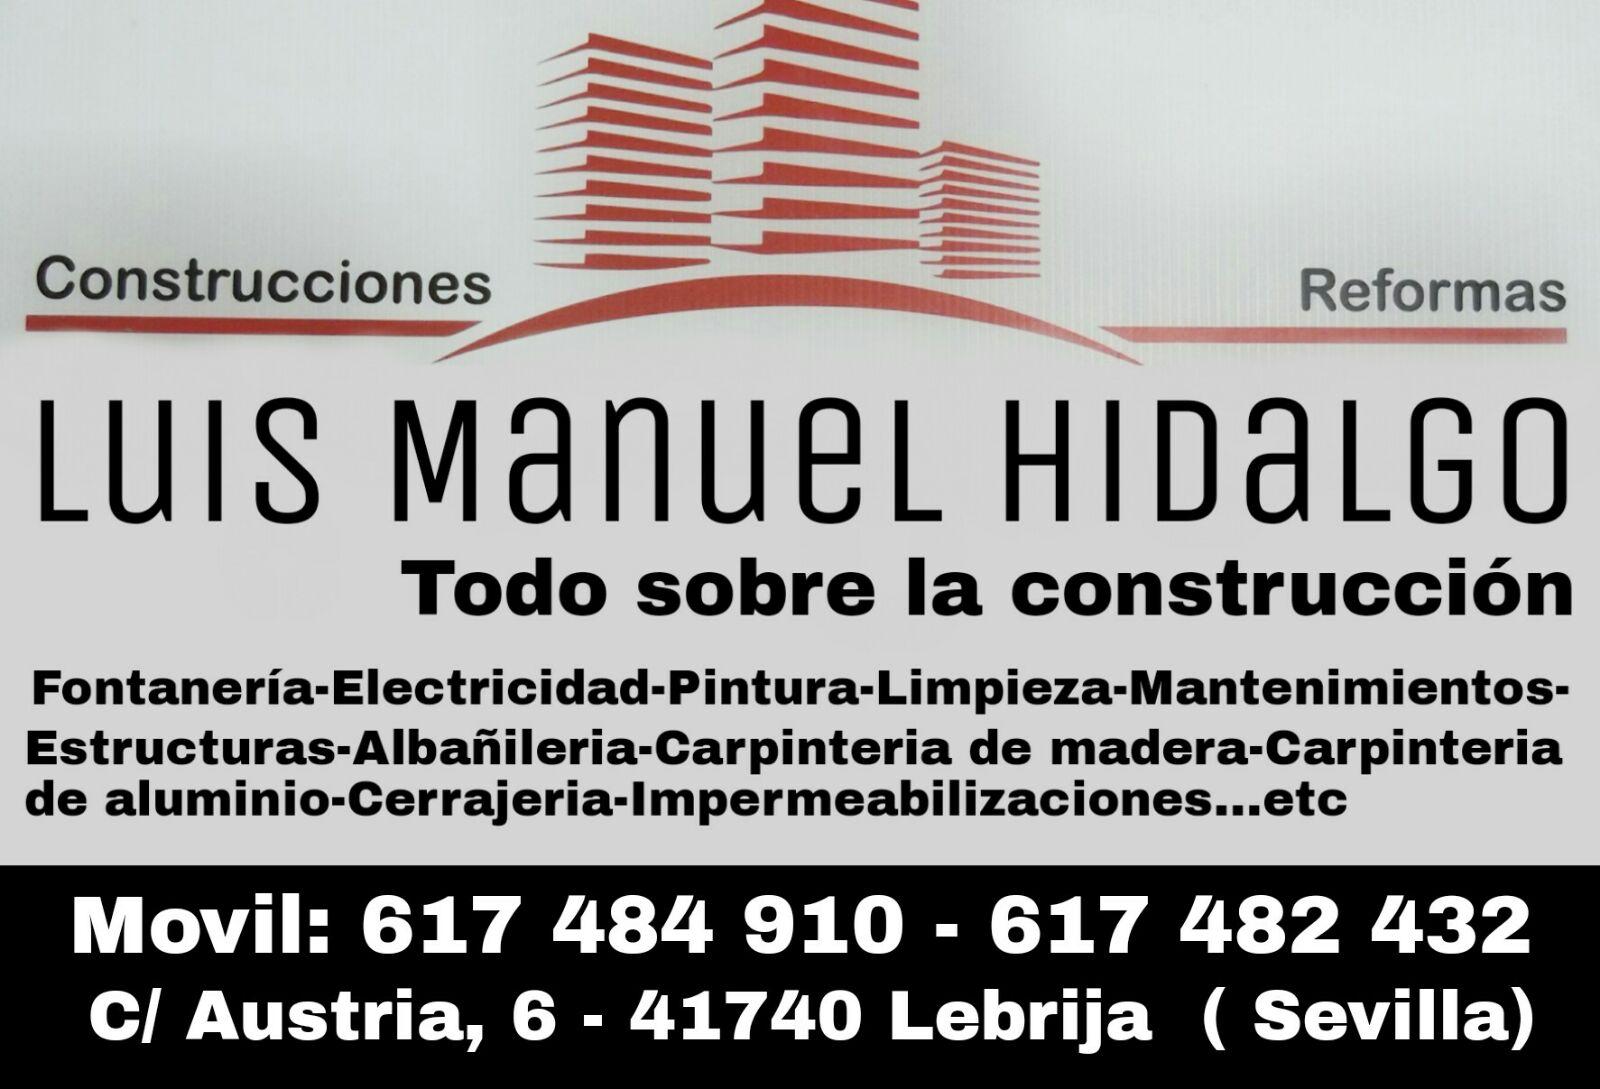 Construcciones Y Reformas Luis Manuel Hidalgo